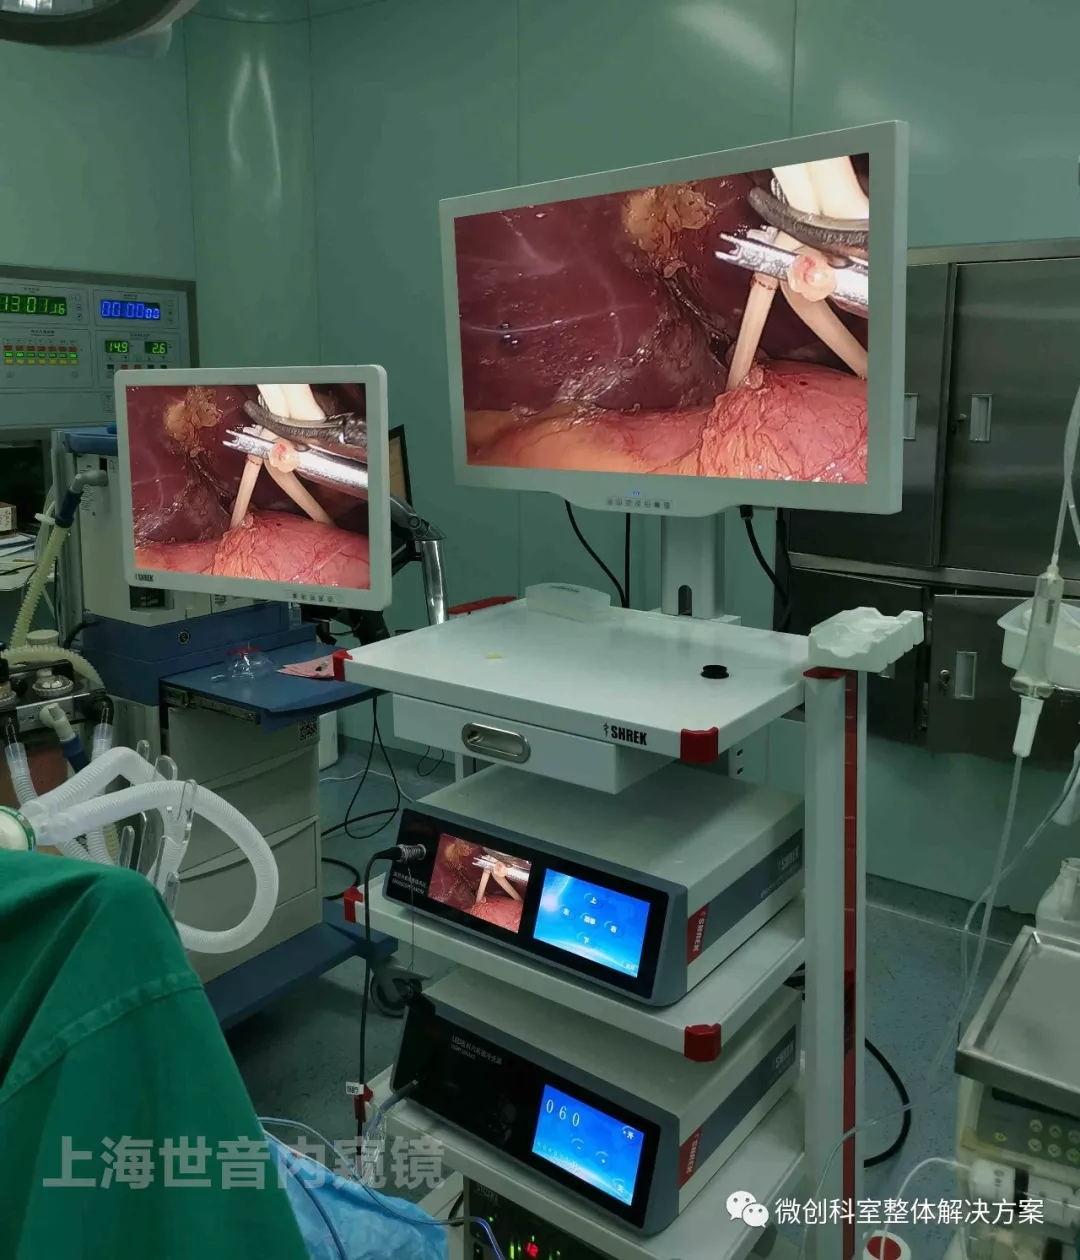 【腹腔镜篇】肝切除术入路